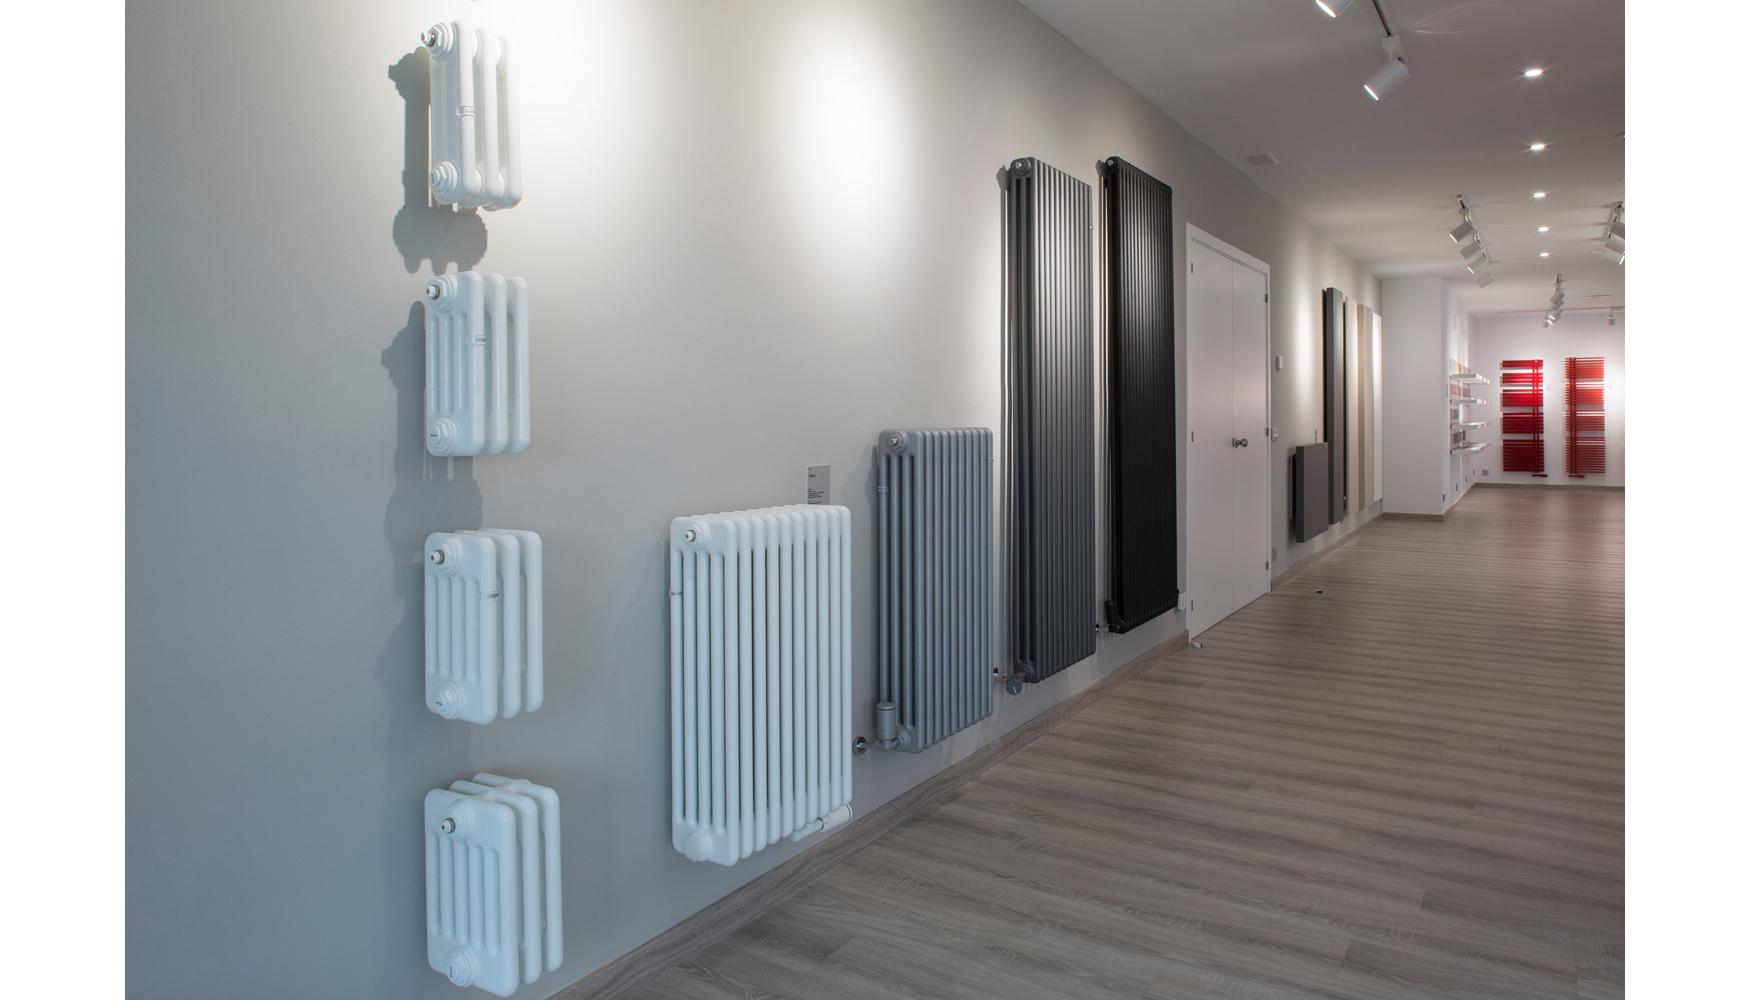 Irsap inaugura su nuevo showroom en barcelona - Radiadores electricos decorativos ...